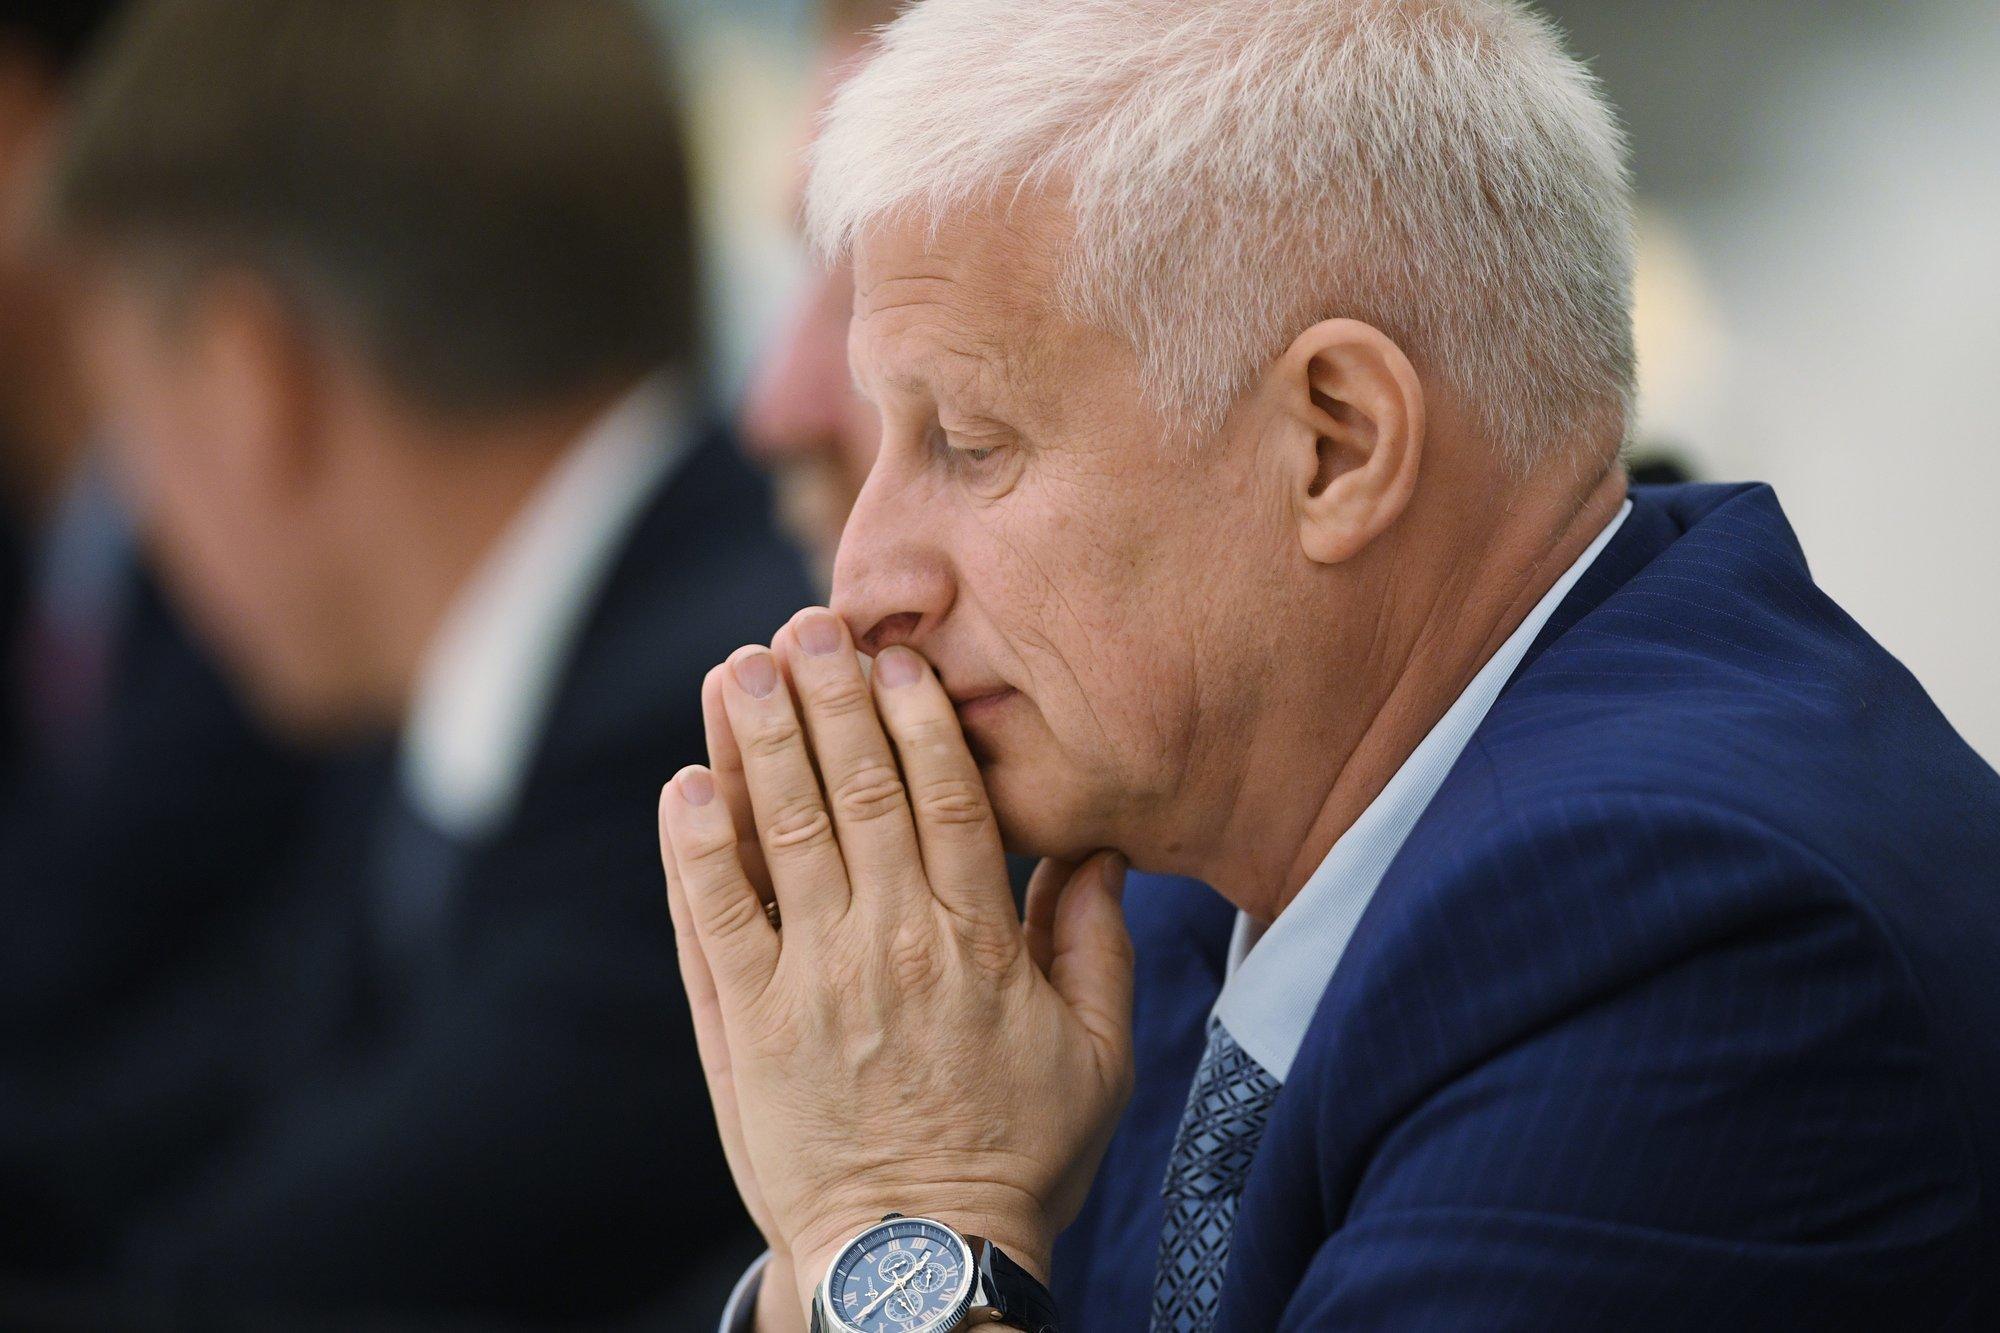 Роберто Манчини: Хотим получить в«Зенит» двух-трех русских футболистов